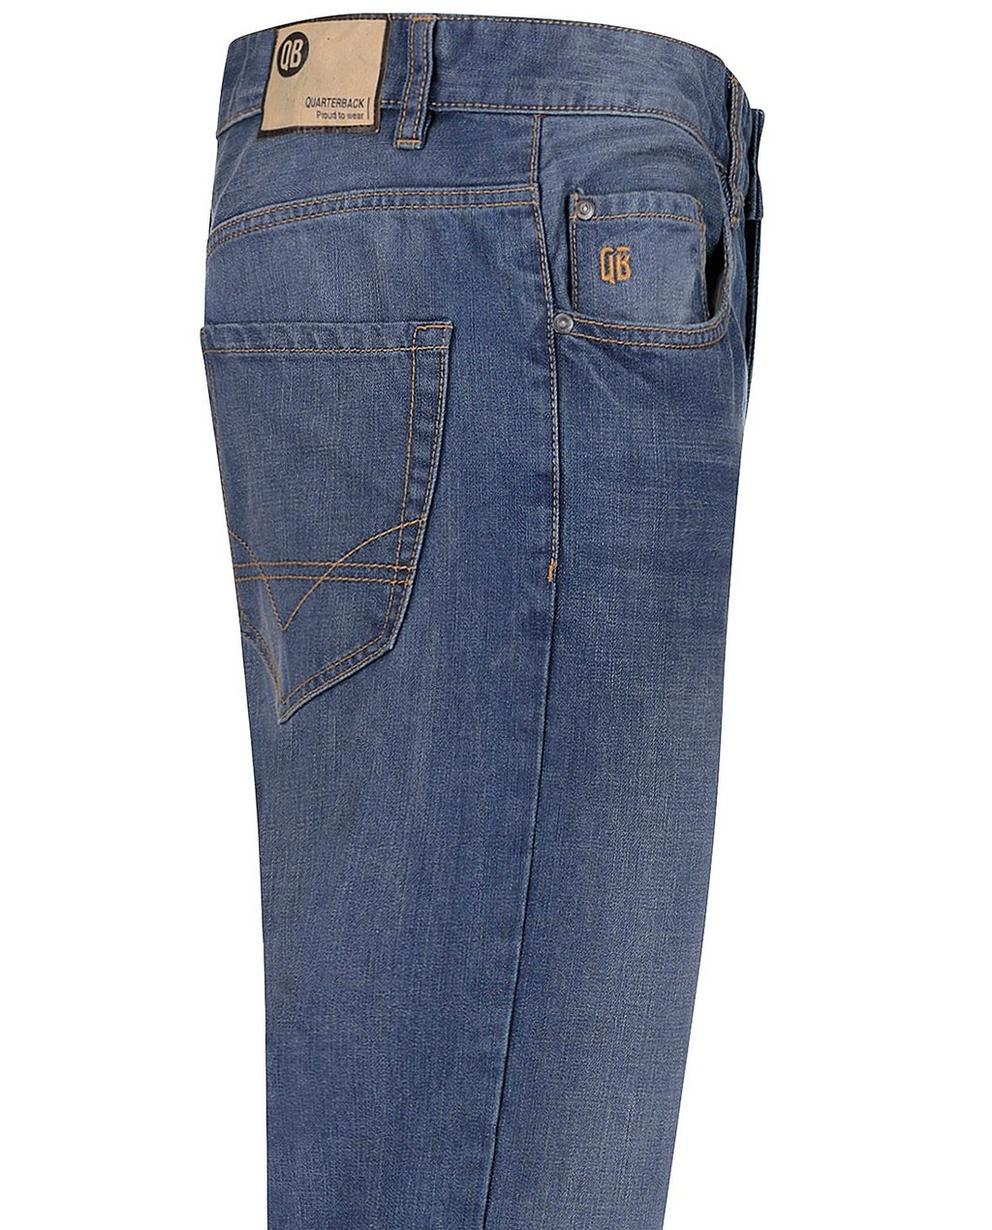 Jeans - light turquise - Jeans délavé